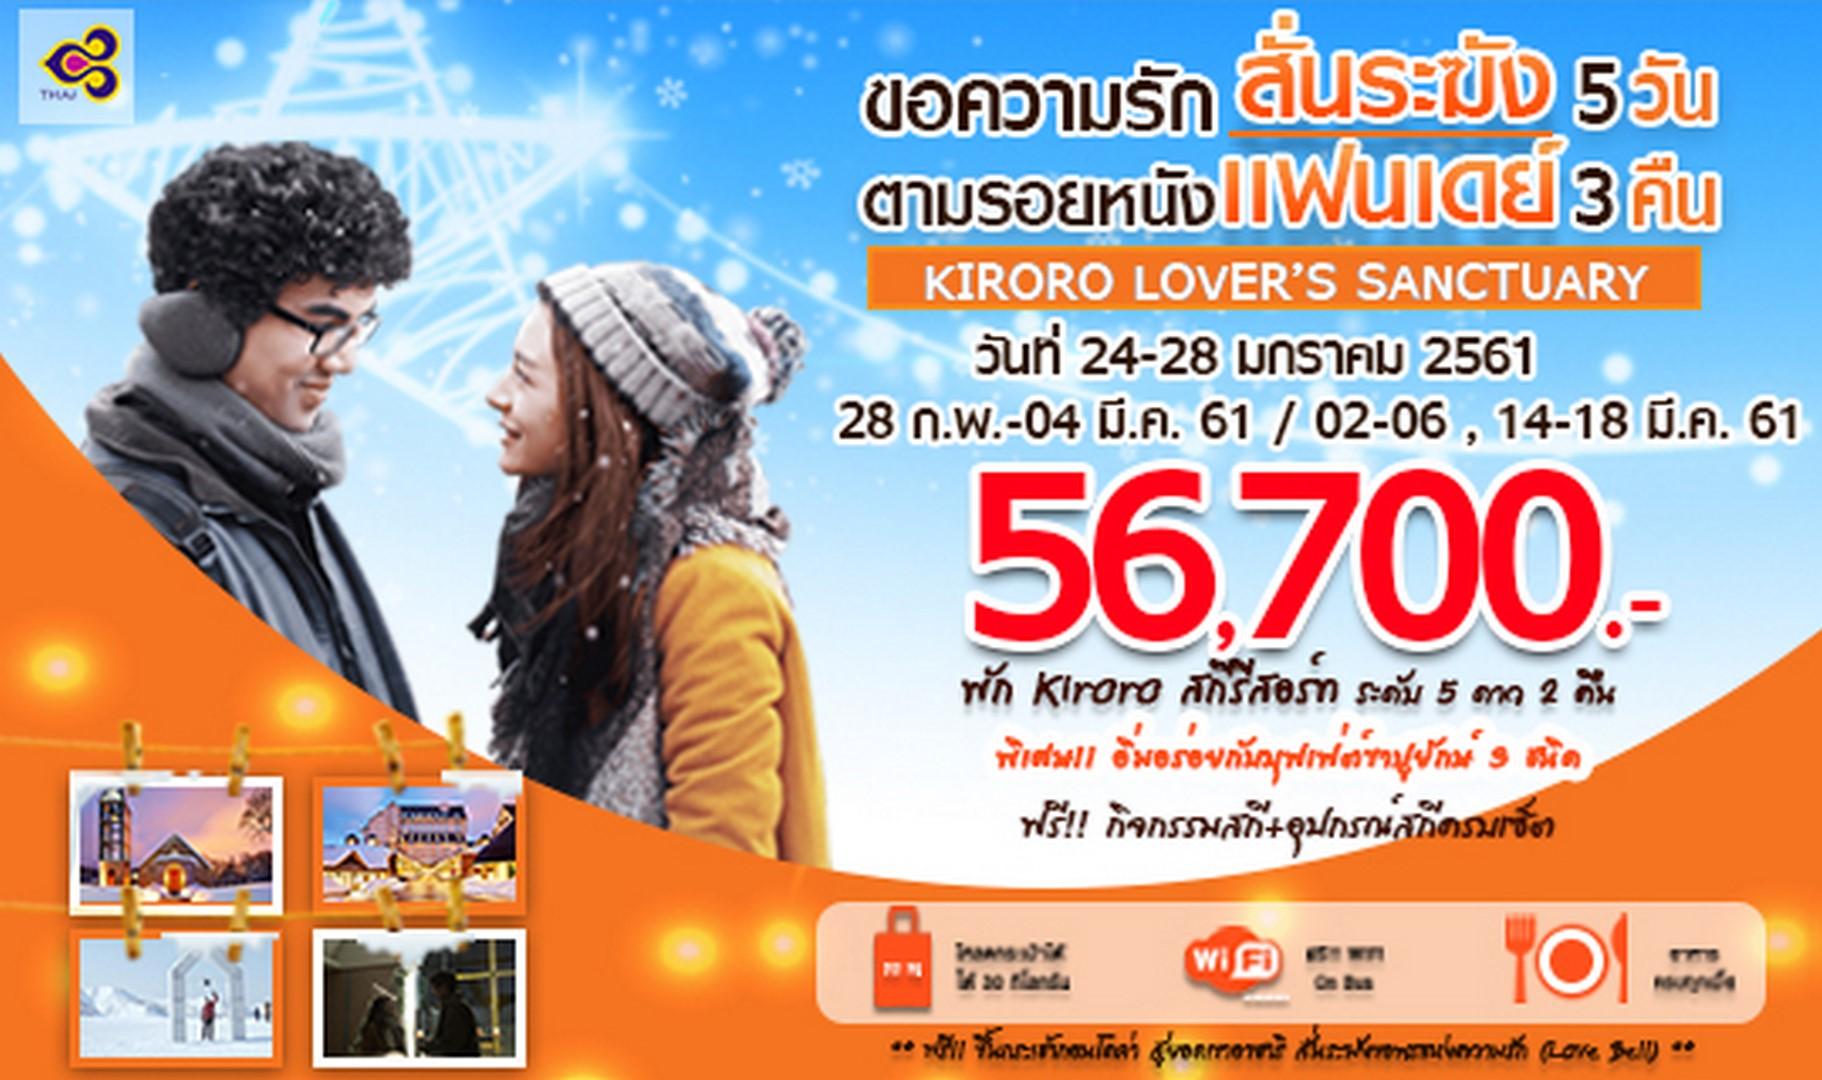 ทัวร์ญี่ปุ่น ฮอกไกโด ตามรอยแฟนเดย์ 5 วัน 3 คืน บินการบินไทย (TG)